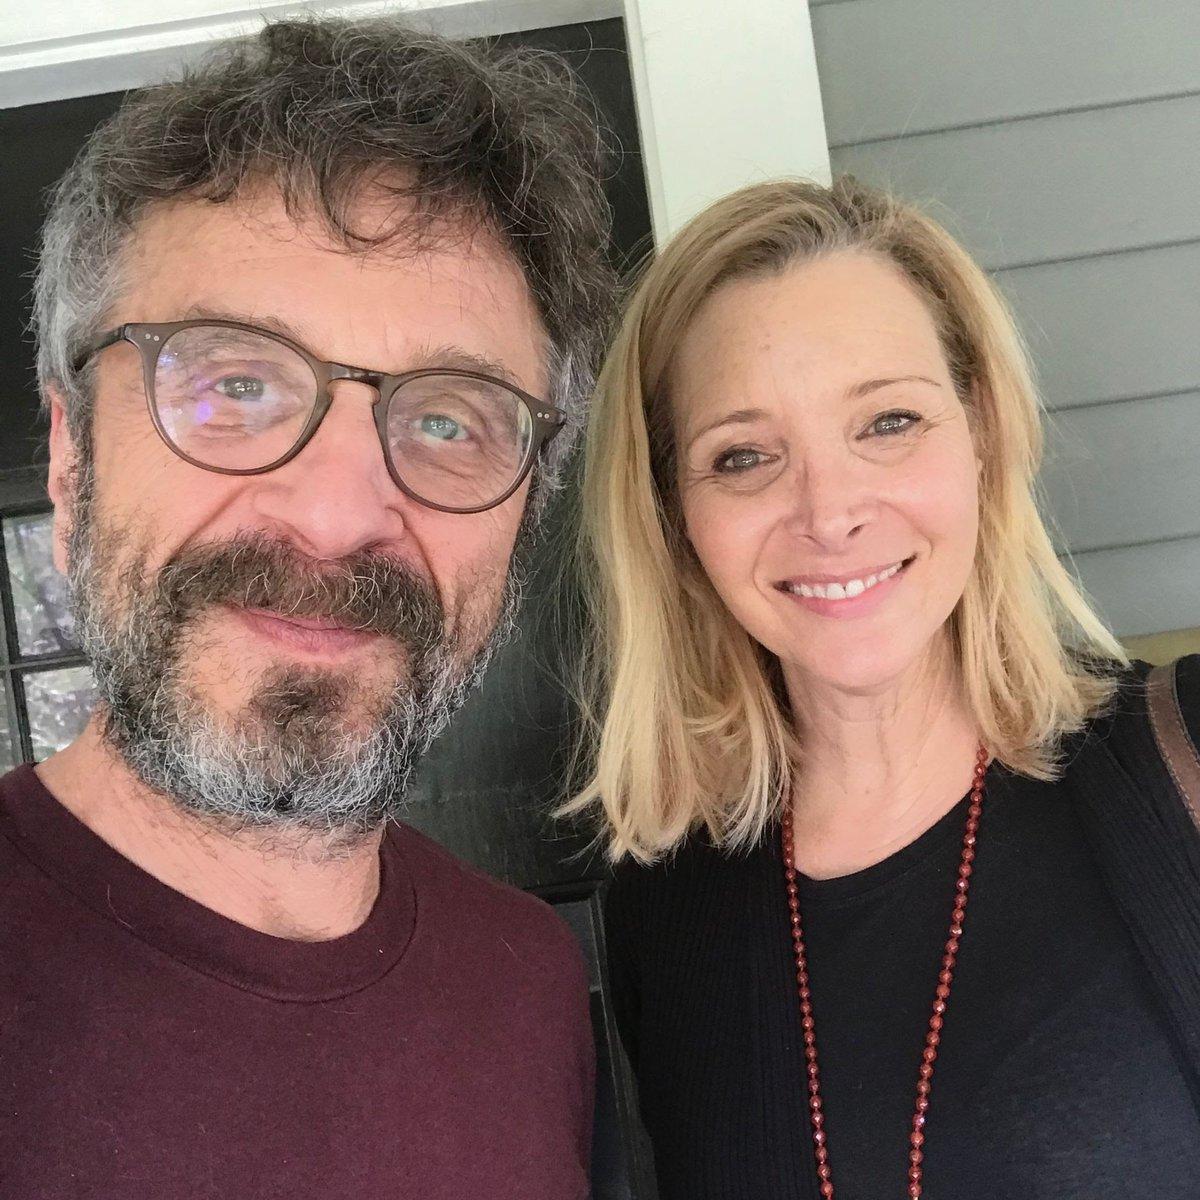 Lisa Kudrow felt like a 'mountain of a woman' next to 'Friends' co-star Jennifer Aniston